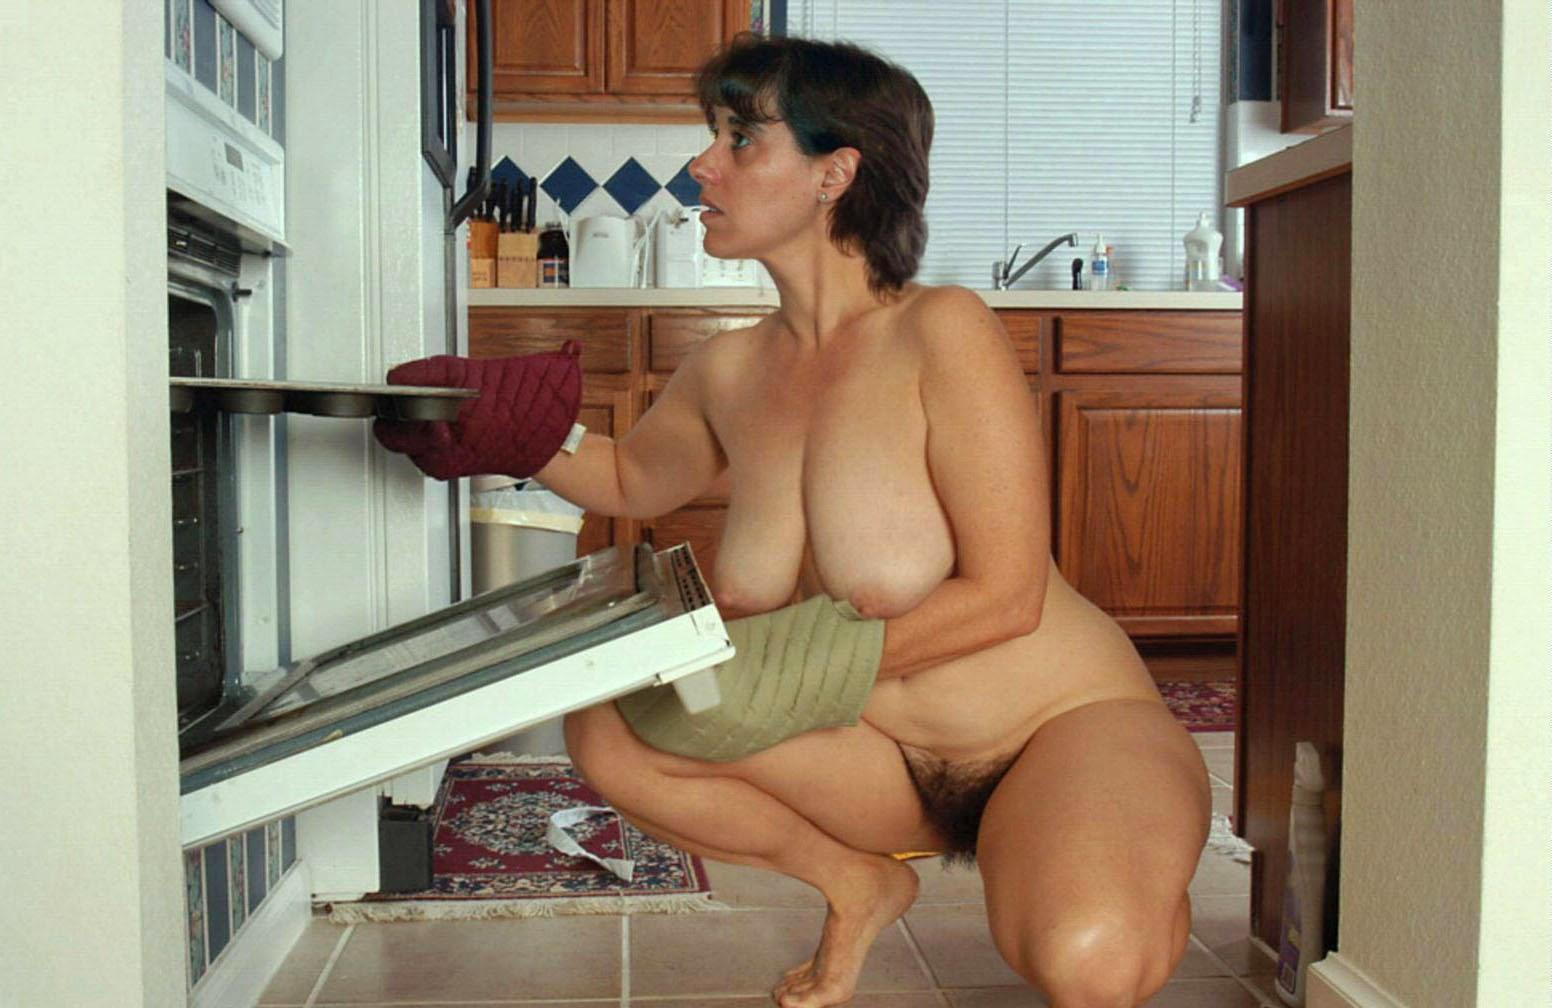 Убирает голой онлайн, Убирается голая дома - видео 2 фотография